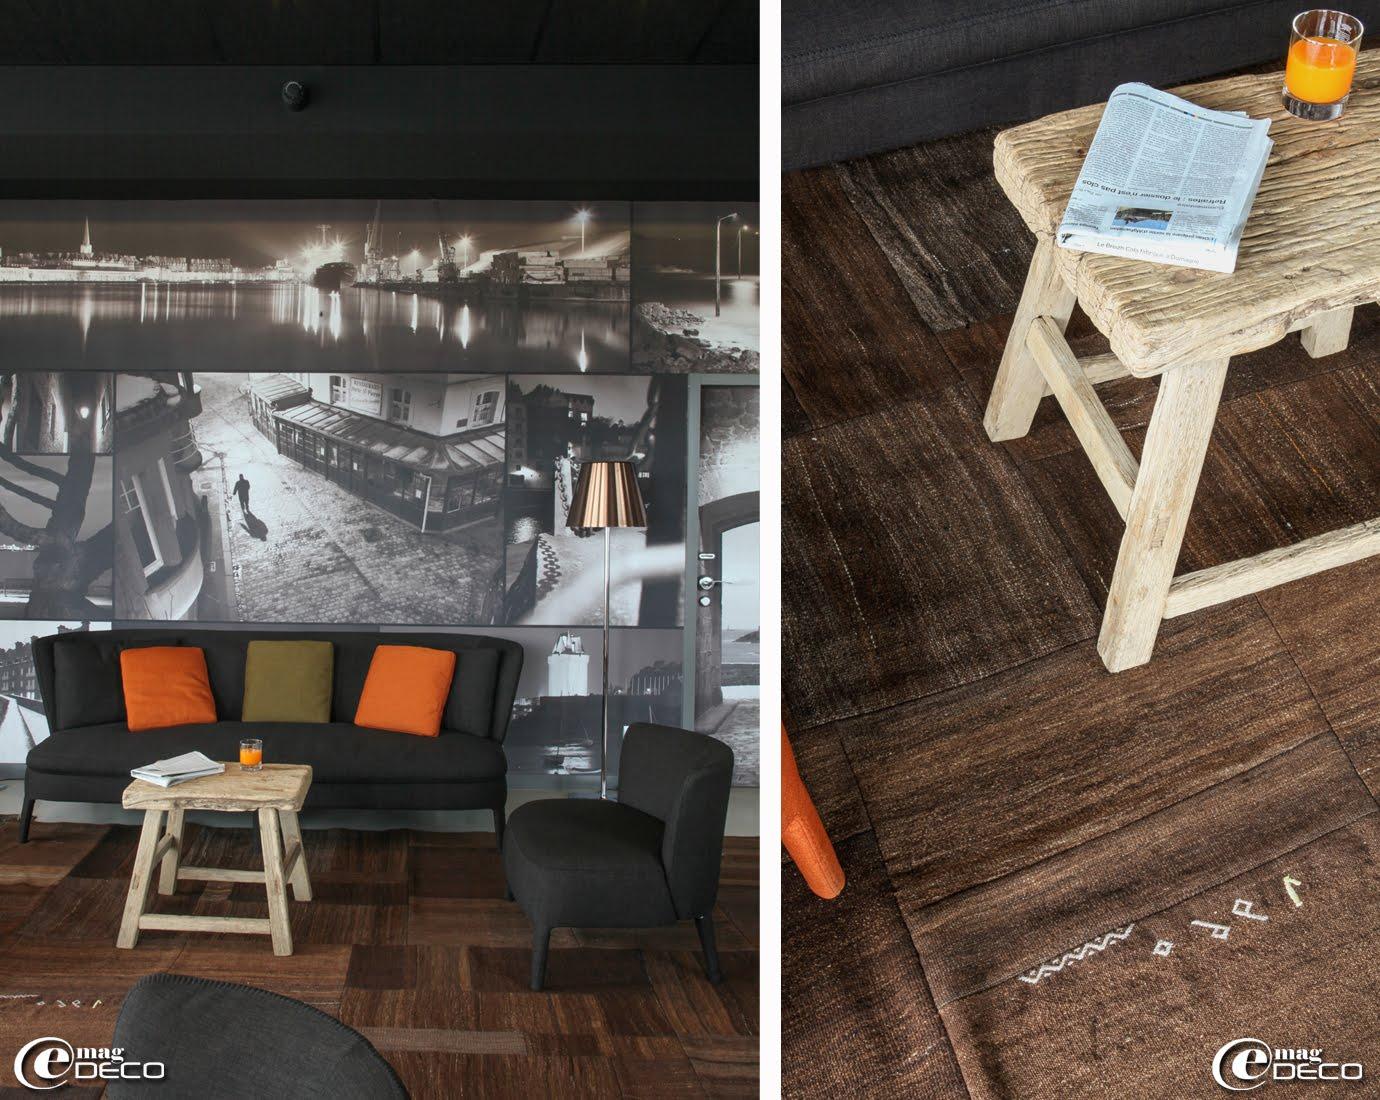 Dans le salon de l'hôtel Best Western Balmoral à Saint-Malo, canapé et fauteuil 'Maxalto' dessinés par Antonio Citterio et vieille table asiatique sur des patchworks de tapis anciens réalisés avec des dos de sacs de grains